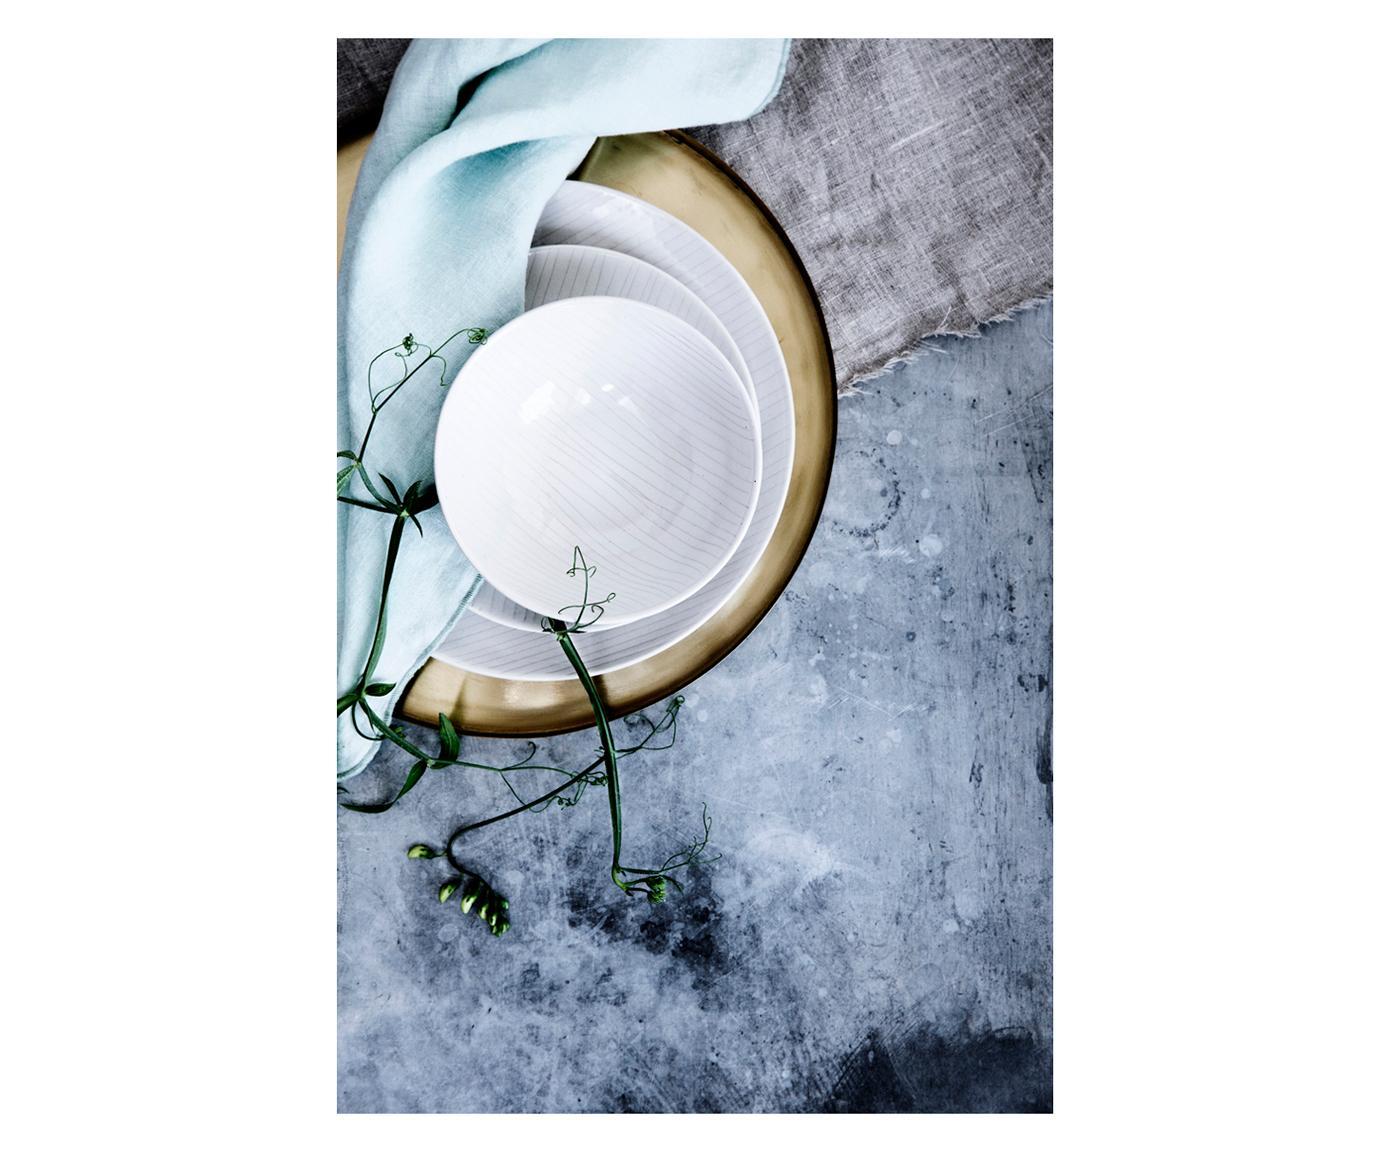 Boles artesanales Copenhagen, 4uds., Gres, Marfil con rayas finas en beige claro, Ø 17 x Al 6 cm